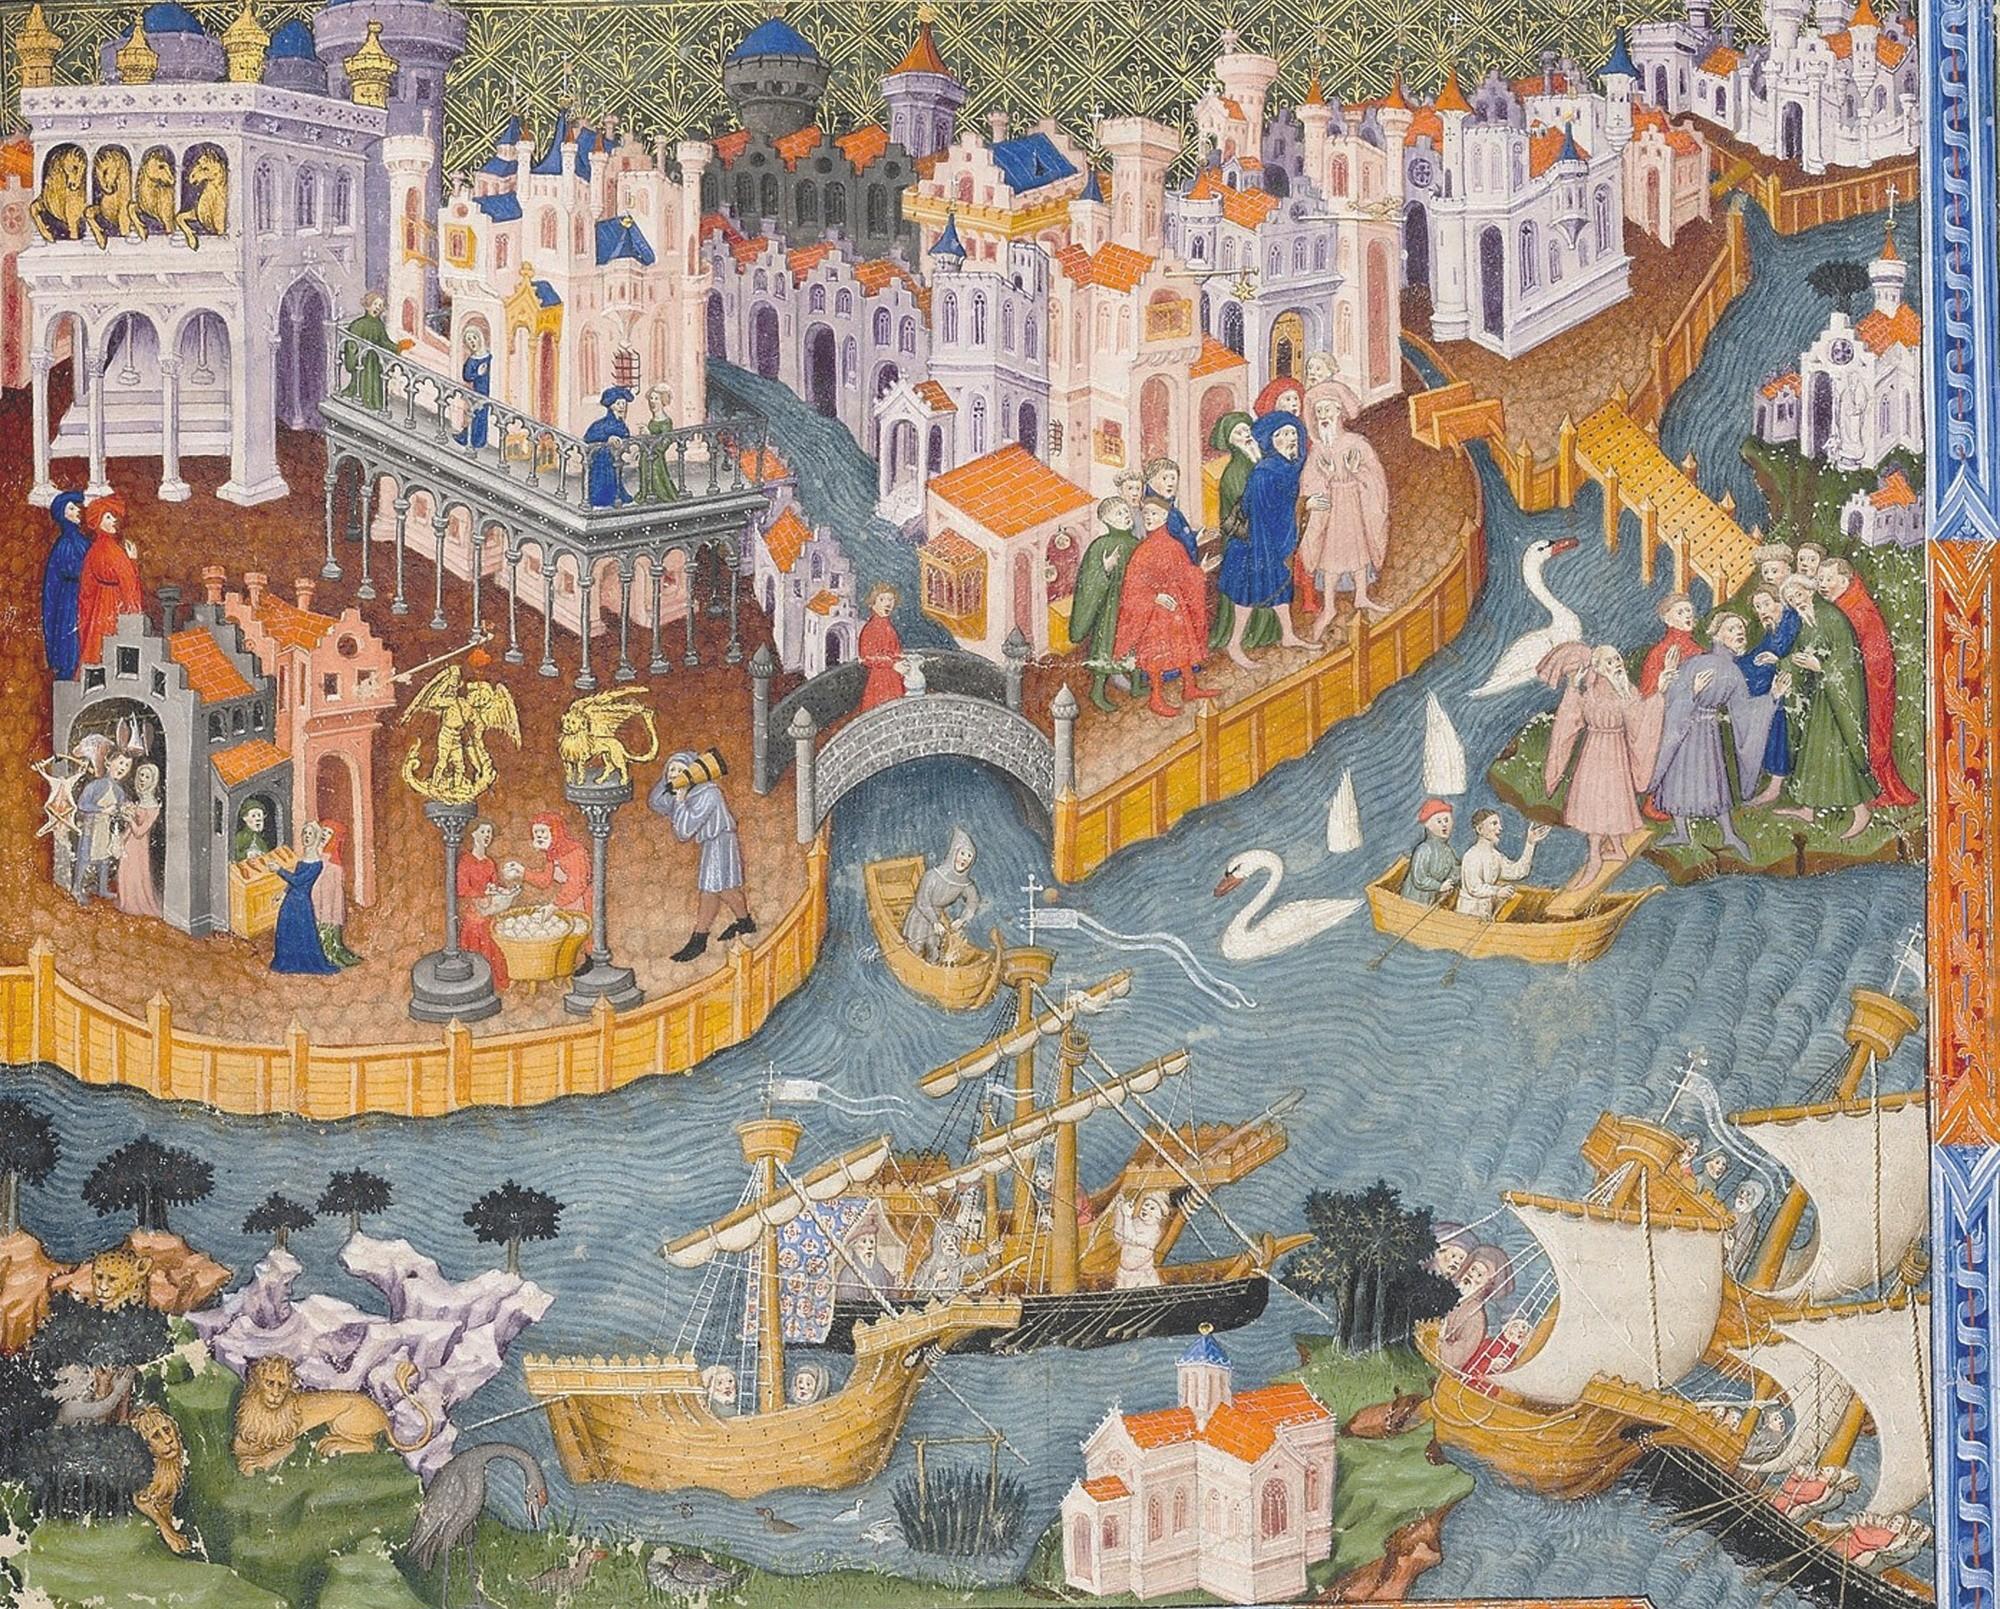 Marco Polo quittant Venise, enluminure dans un manuscrit du Devisement du monde de Marco Polo, 1338-1344, Bodleian Library, Oxford